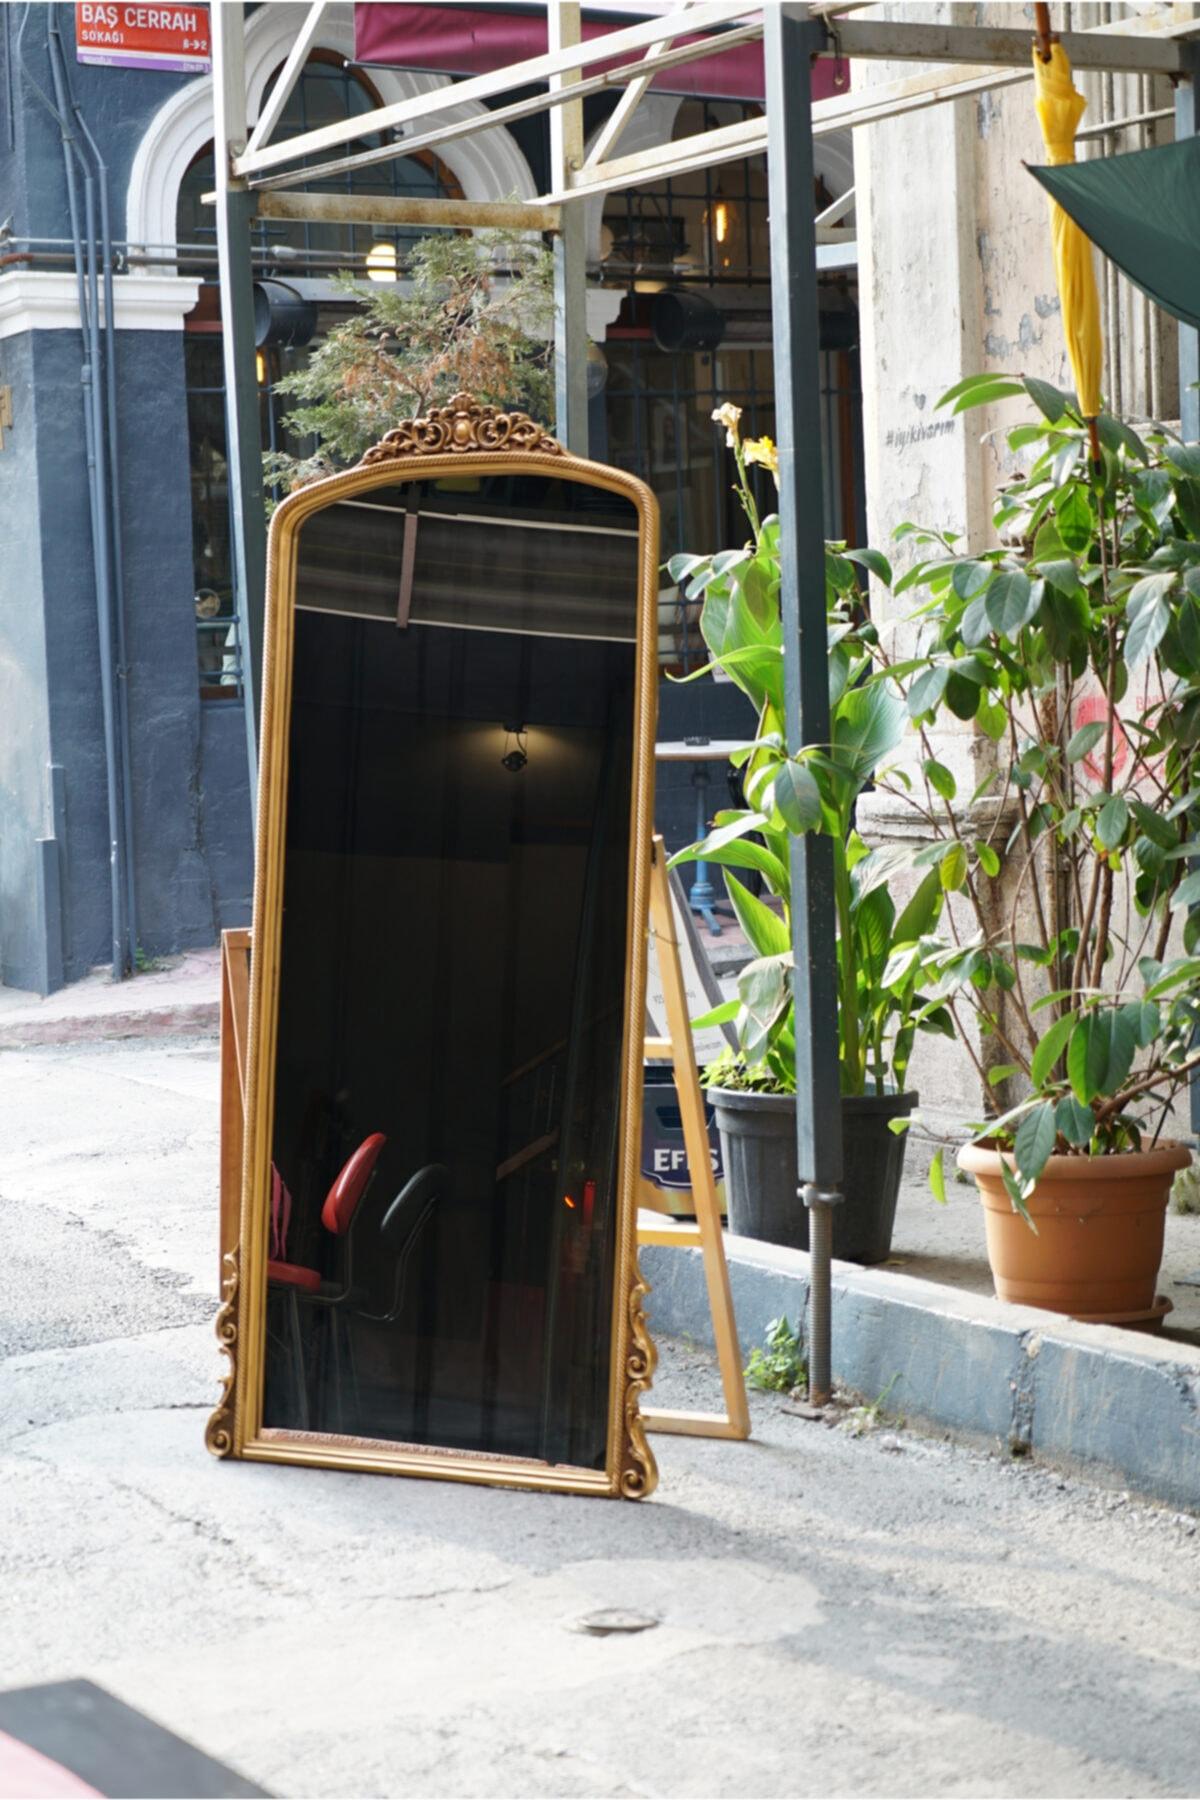 Pekçokçeşit Varaklı Dekoratif Ayaklı Boy Aynası Salon Ofis Mağaza 190x90 2